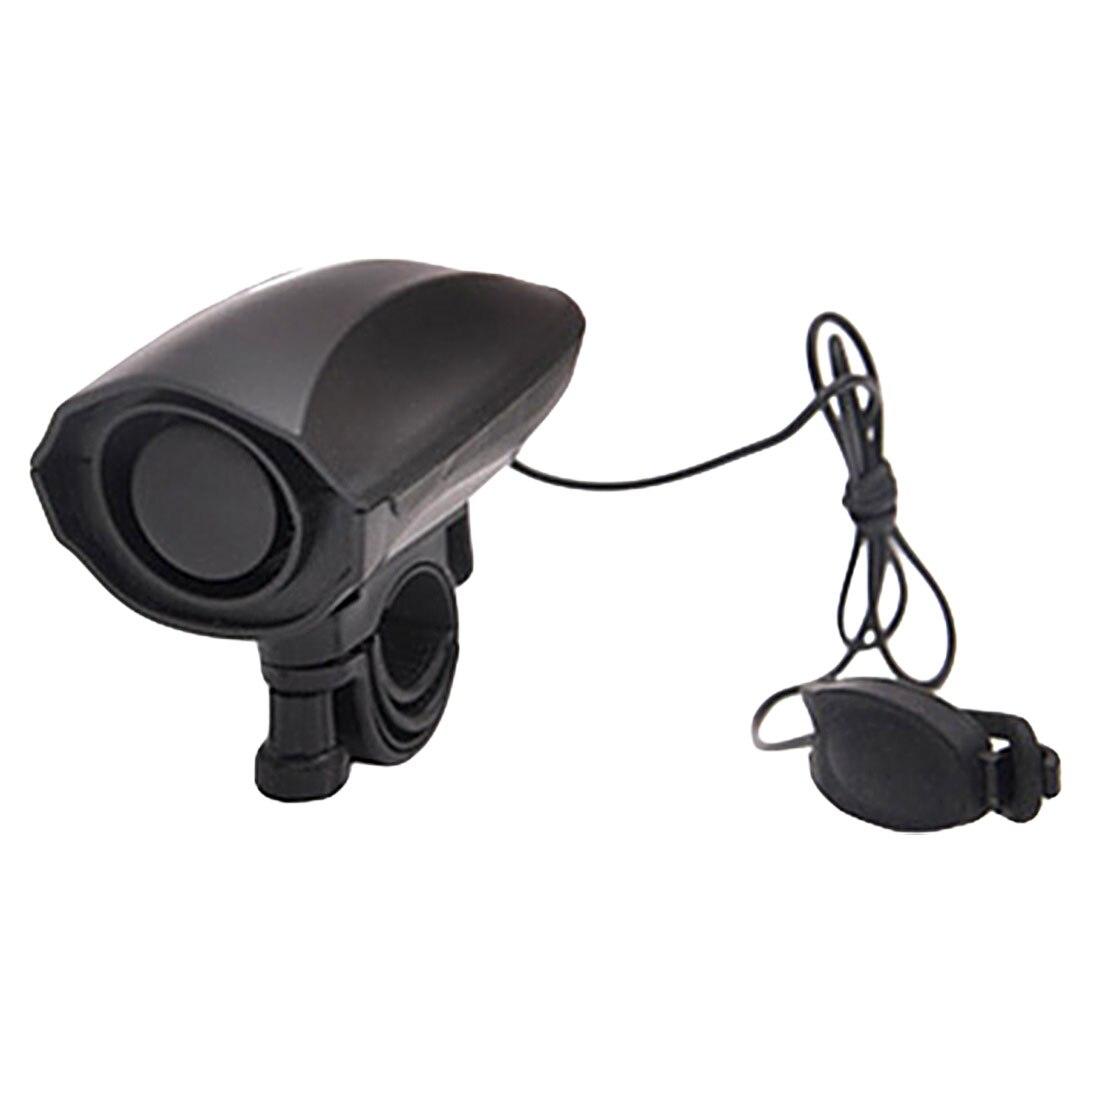 Высокая децибел громкий велосипедный колокольчик электрический рог сирена сигнализация для верховой езды Безопасность Черный велосипедн...